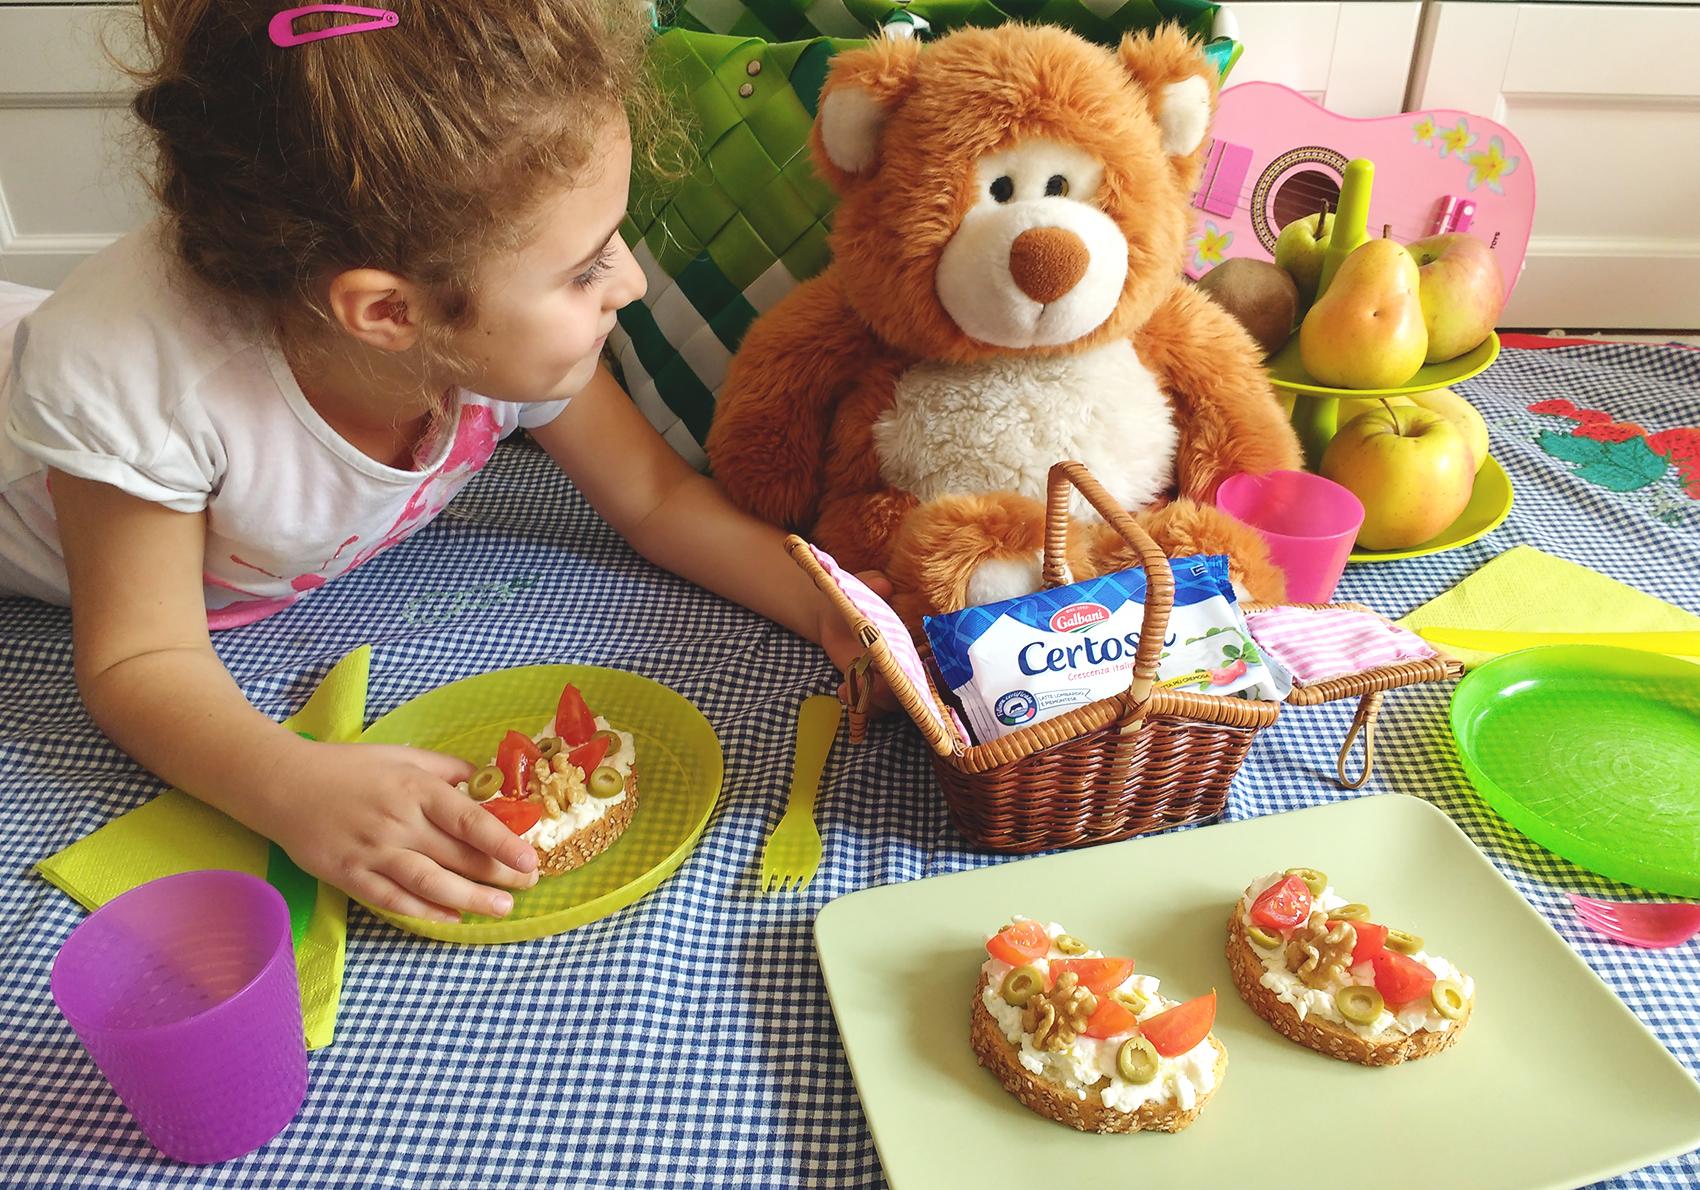 Merenda sana per i bambini con Certosa Galbani _ bambina con pupazzo durante pic nic